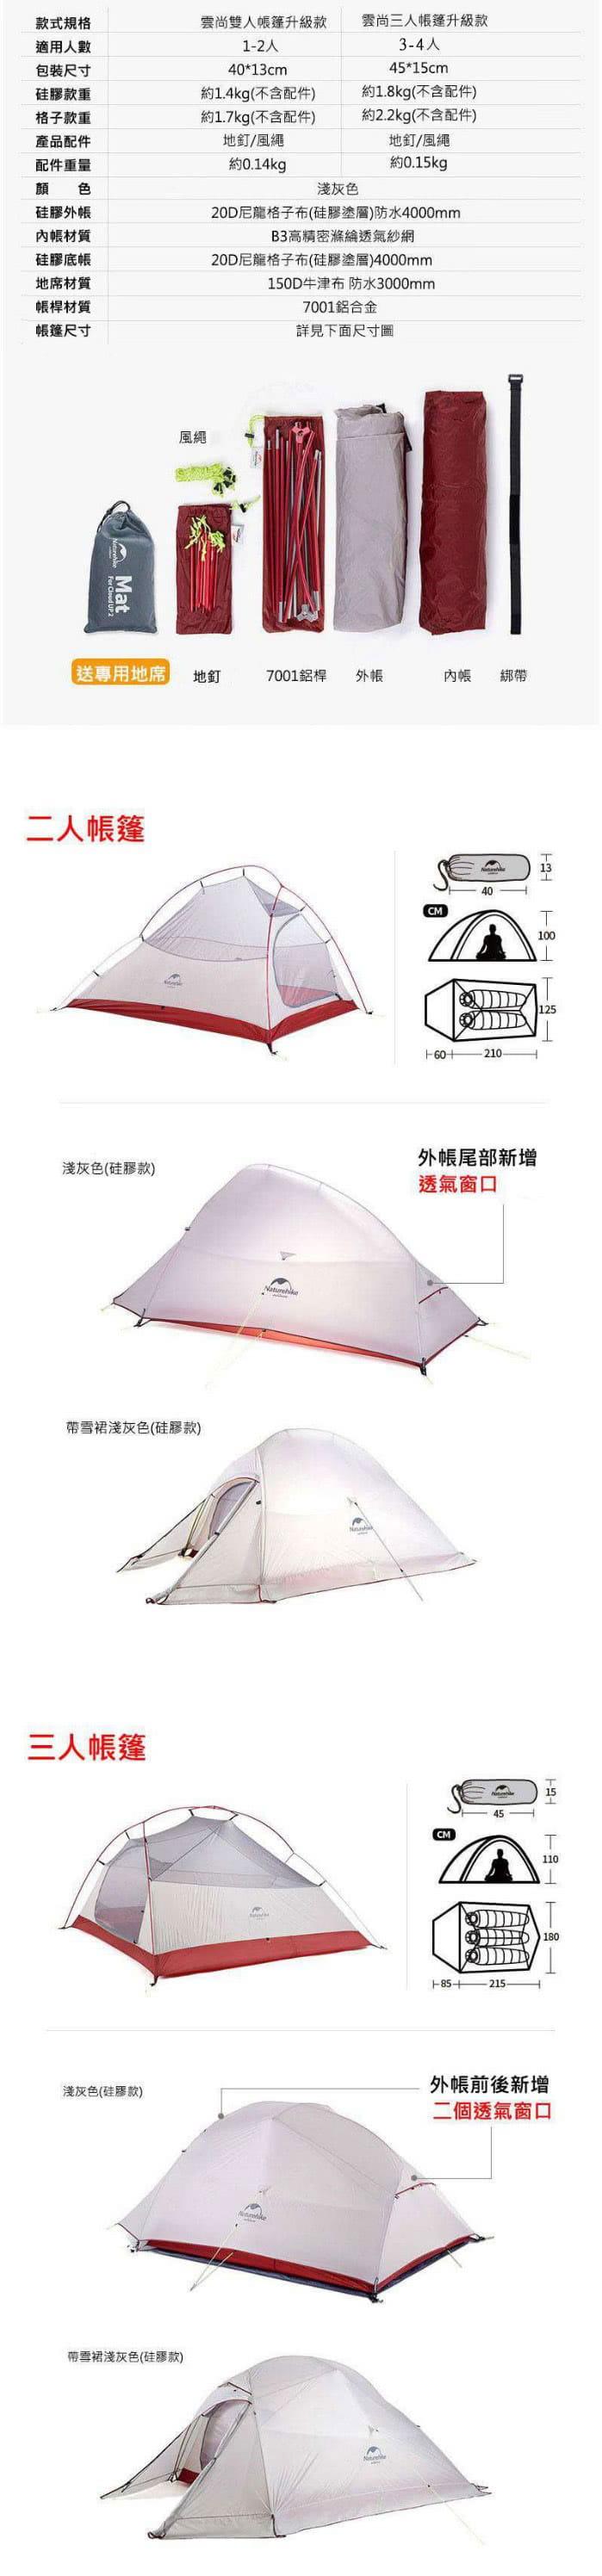 雲尚2 雙人20D帳篷升級款 雙人帳篷 1